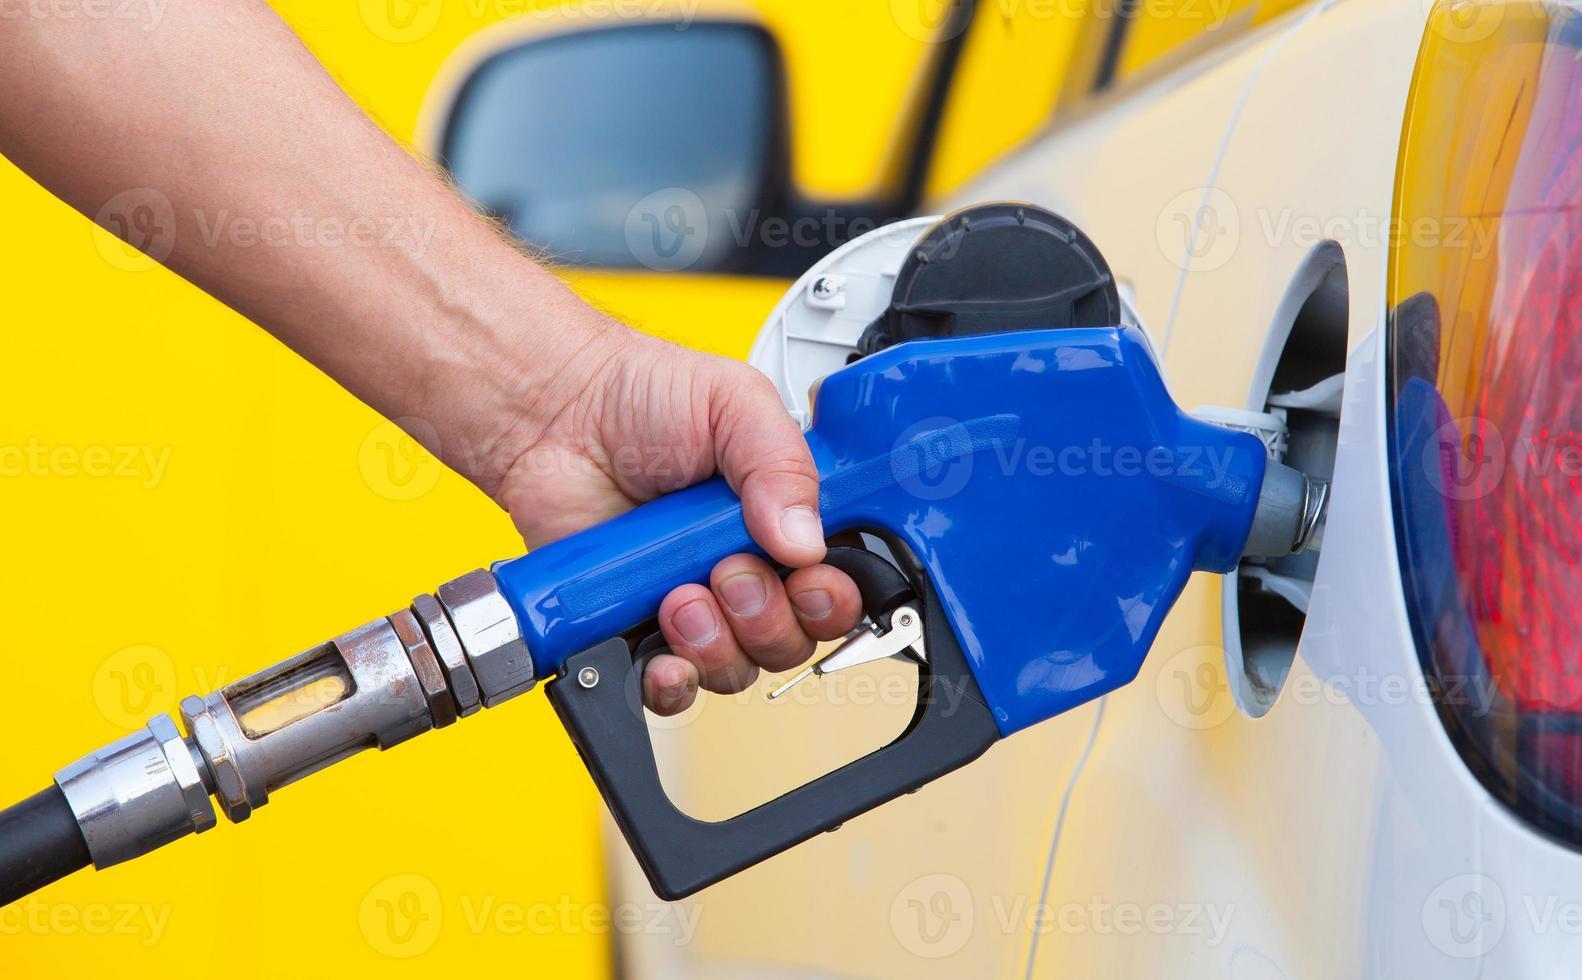 pompage de gaz photo